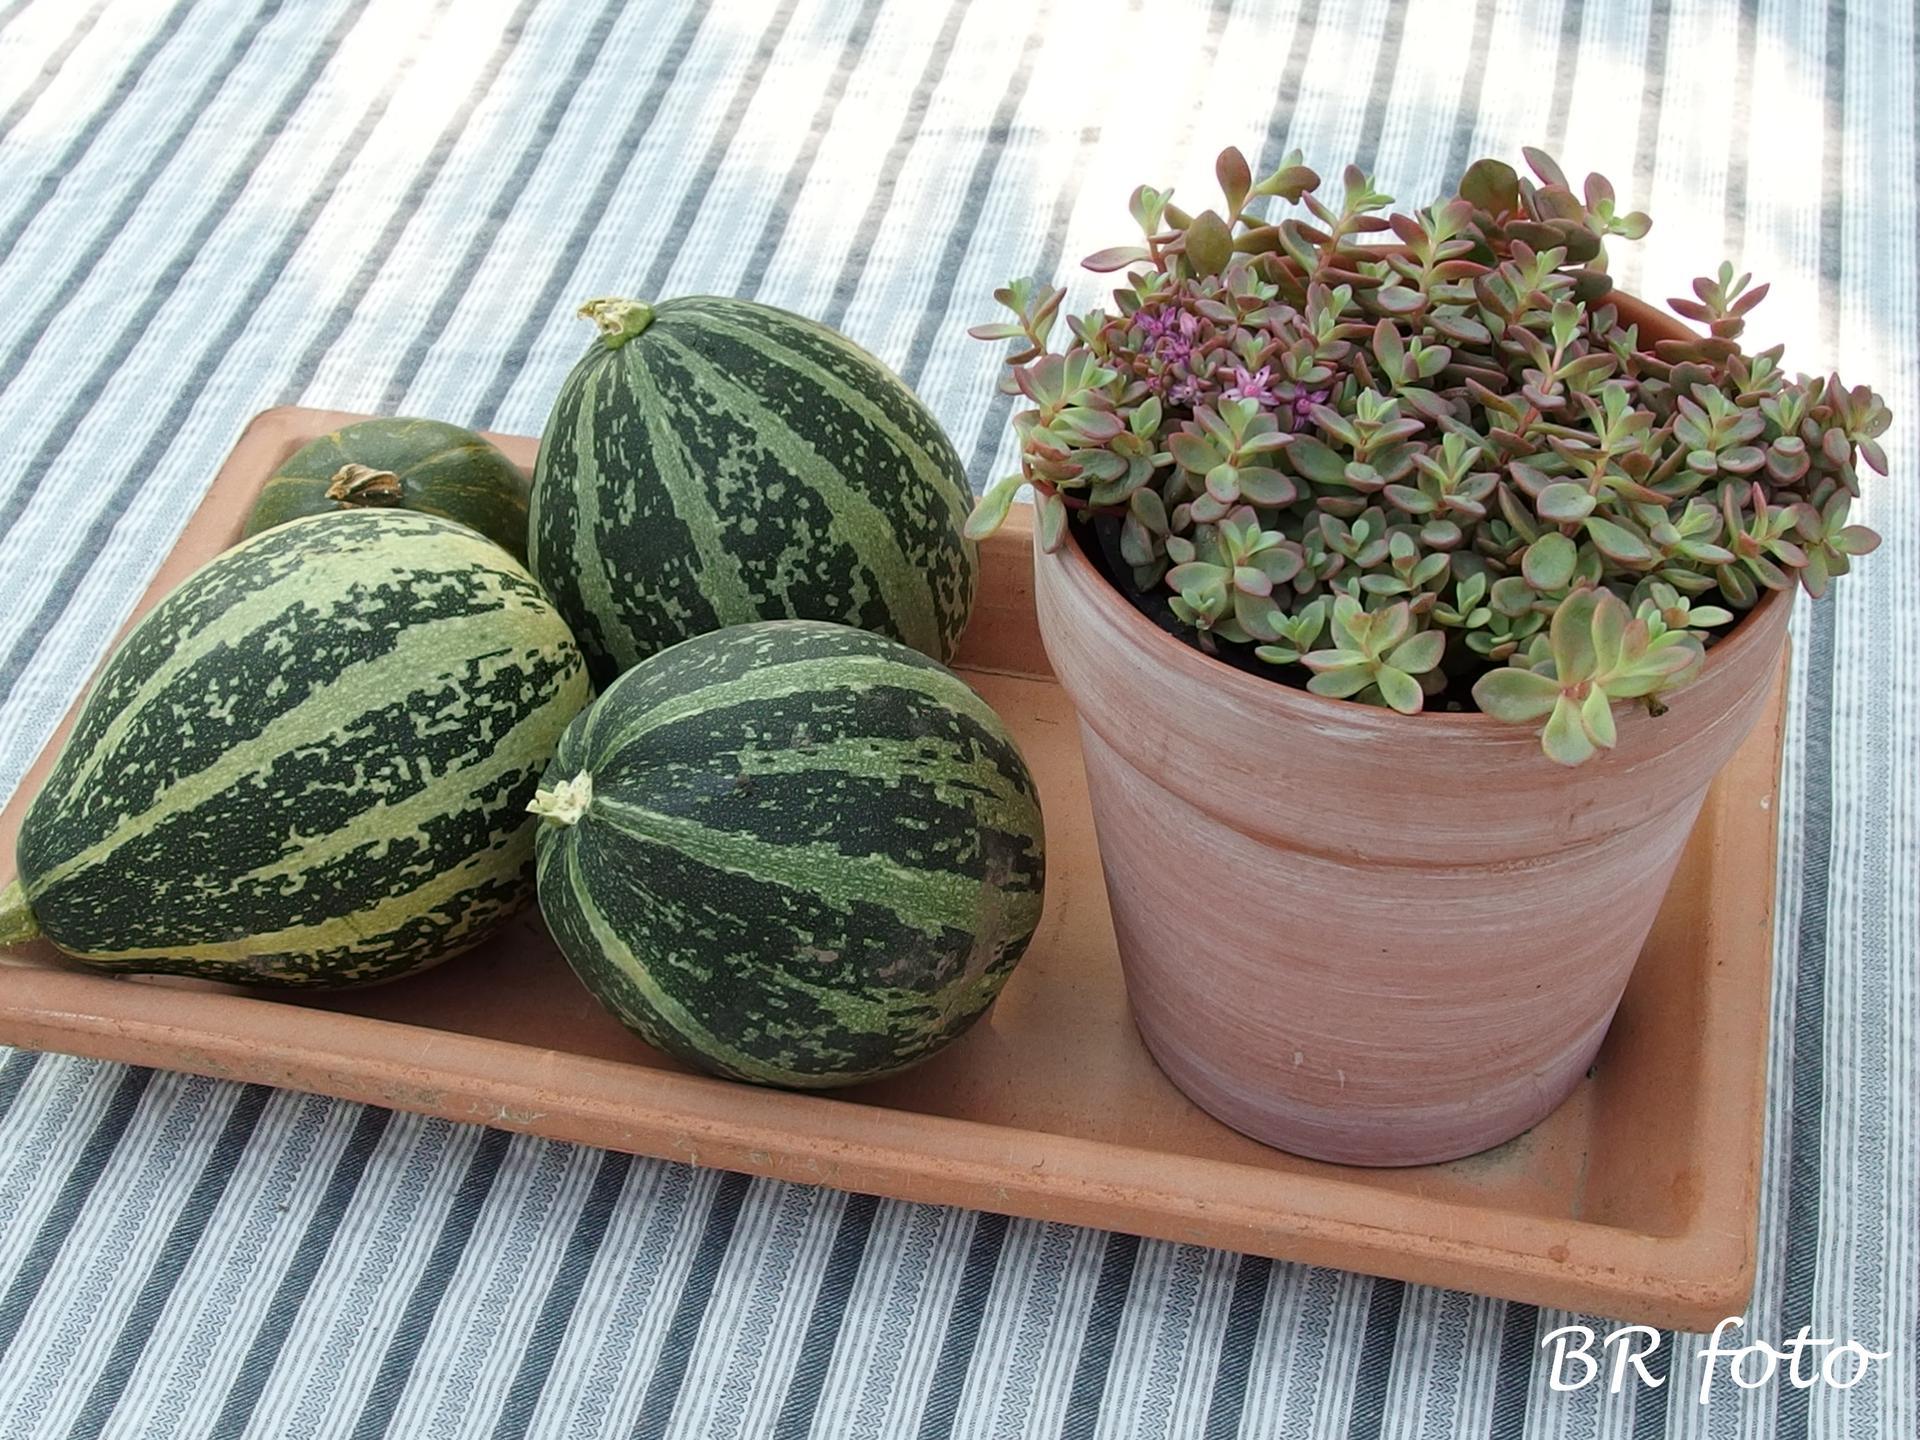 Zahrada v létě - letos jsem okrasné dýně nepěstovala, ale na kompostu vyrostly aspoň tyhle...